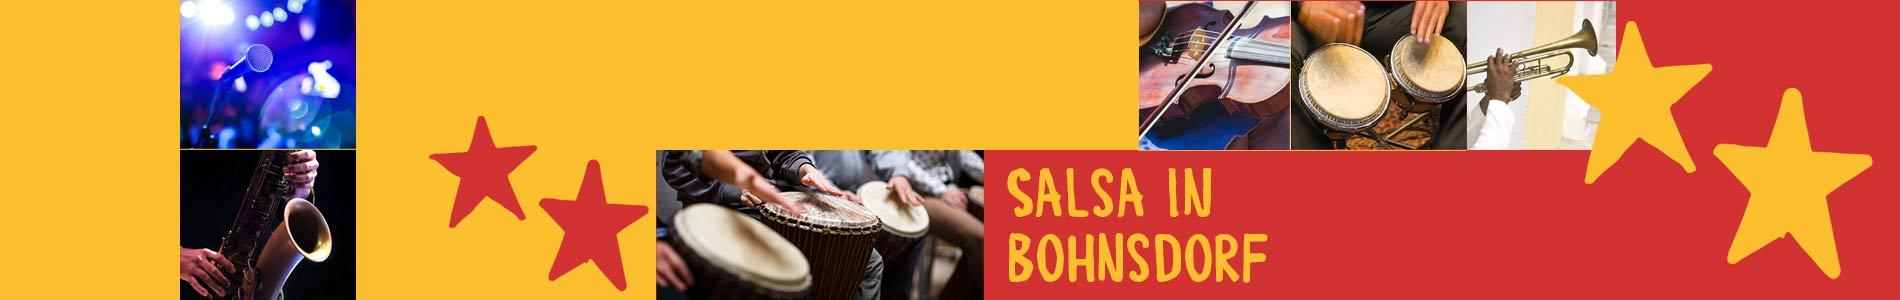 Salsa in Bohnsdorf – Salsa lernen und tanzen, Tanzkurse, Partys, Veranstaltungen